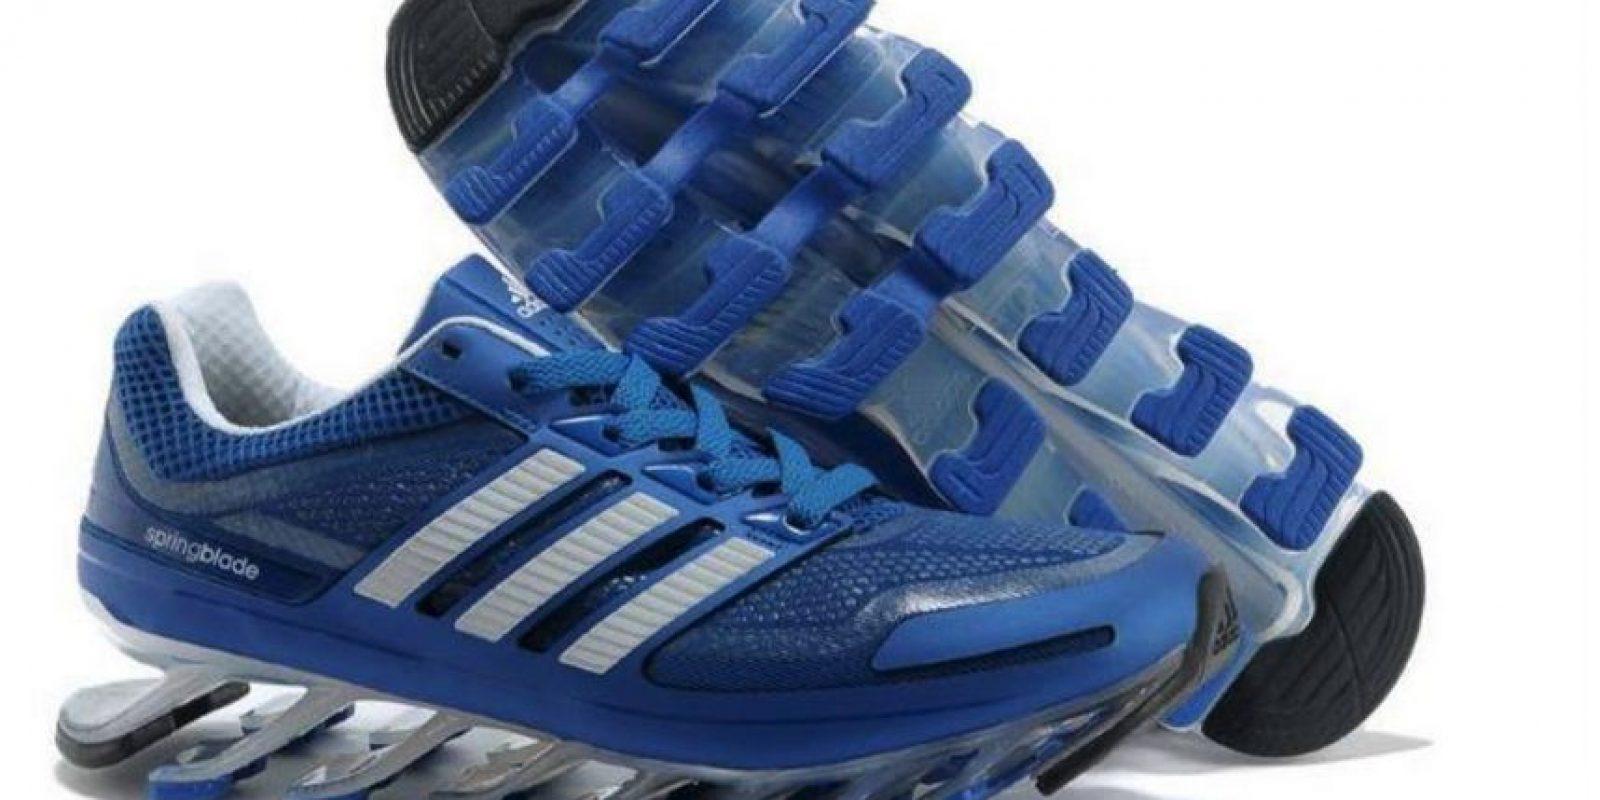 Estos eran los zapatos deportivos que el recluso se compraría después de salir de la cárcel Foto:facebook.com/ruben.senatore.14/photos